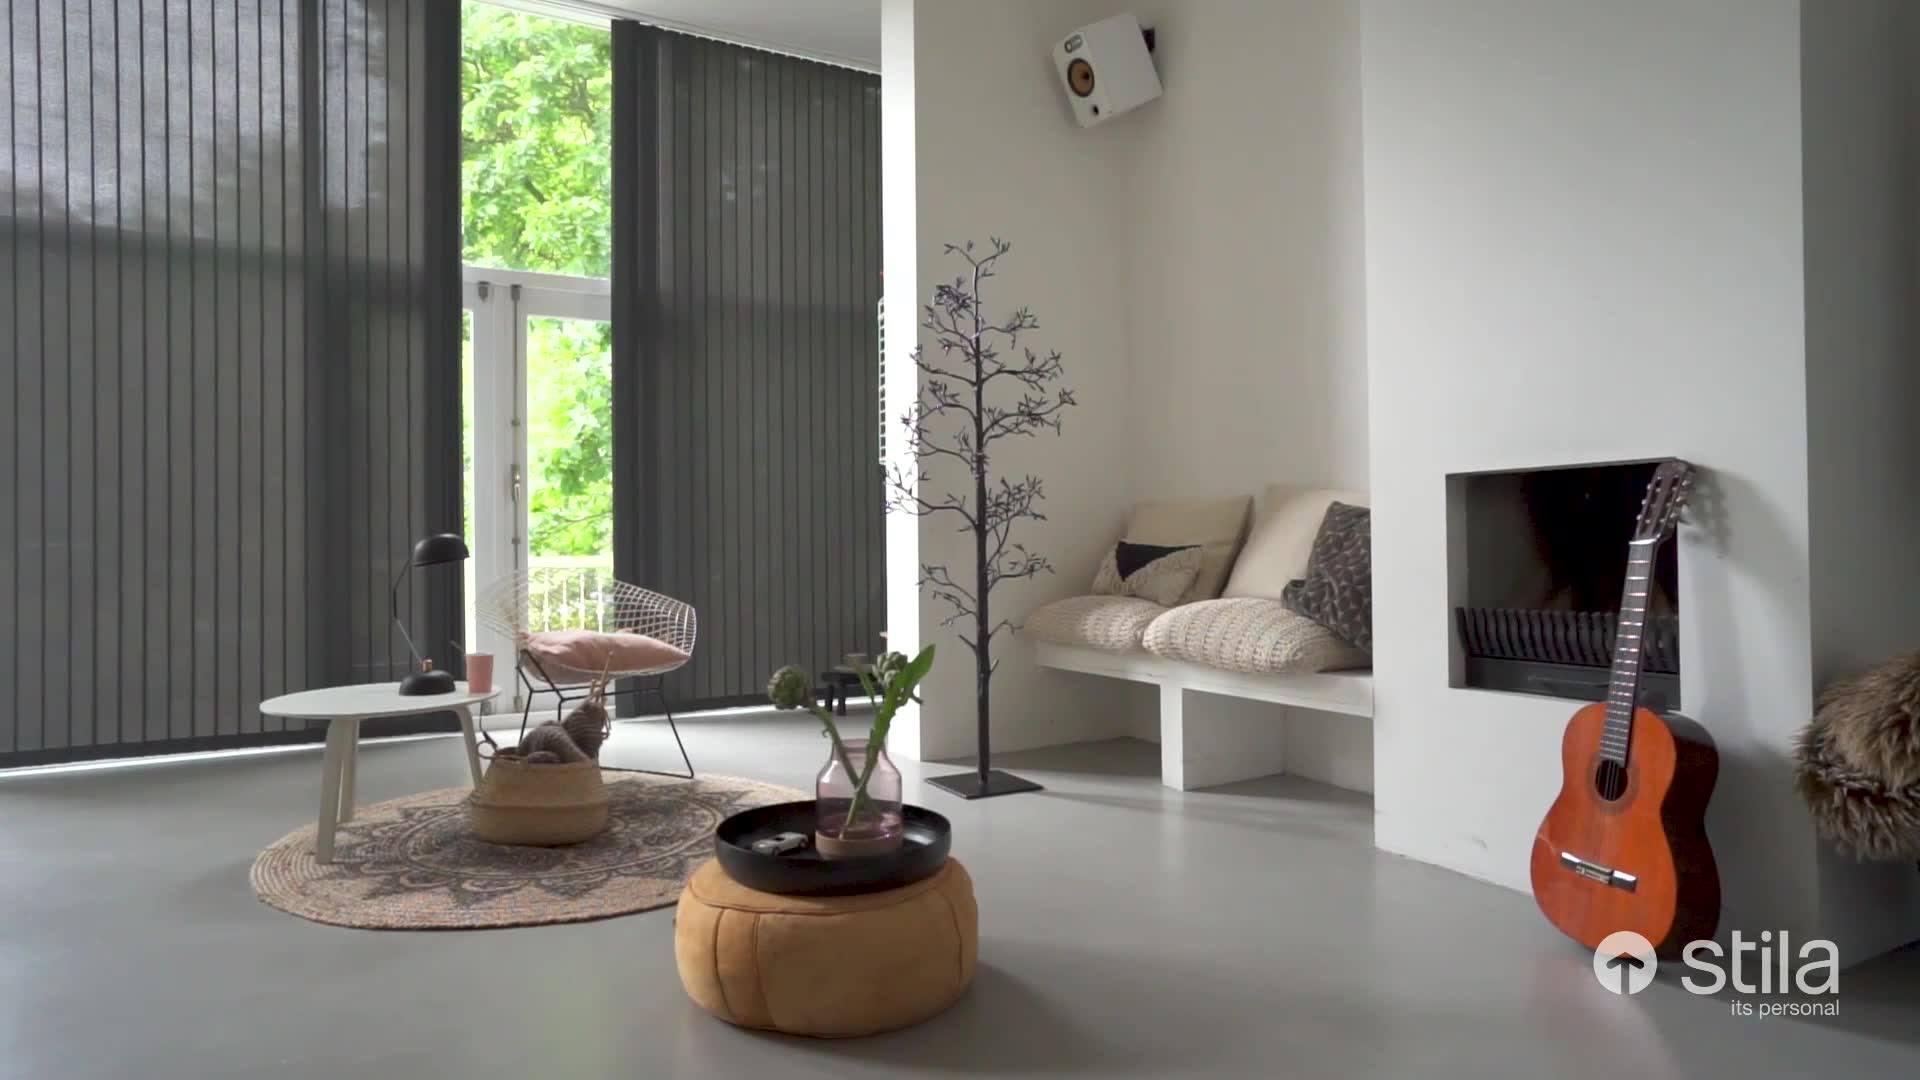 Lad gardinerne spille en større rolle i din indretning - du vil ikke fortryde det!